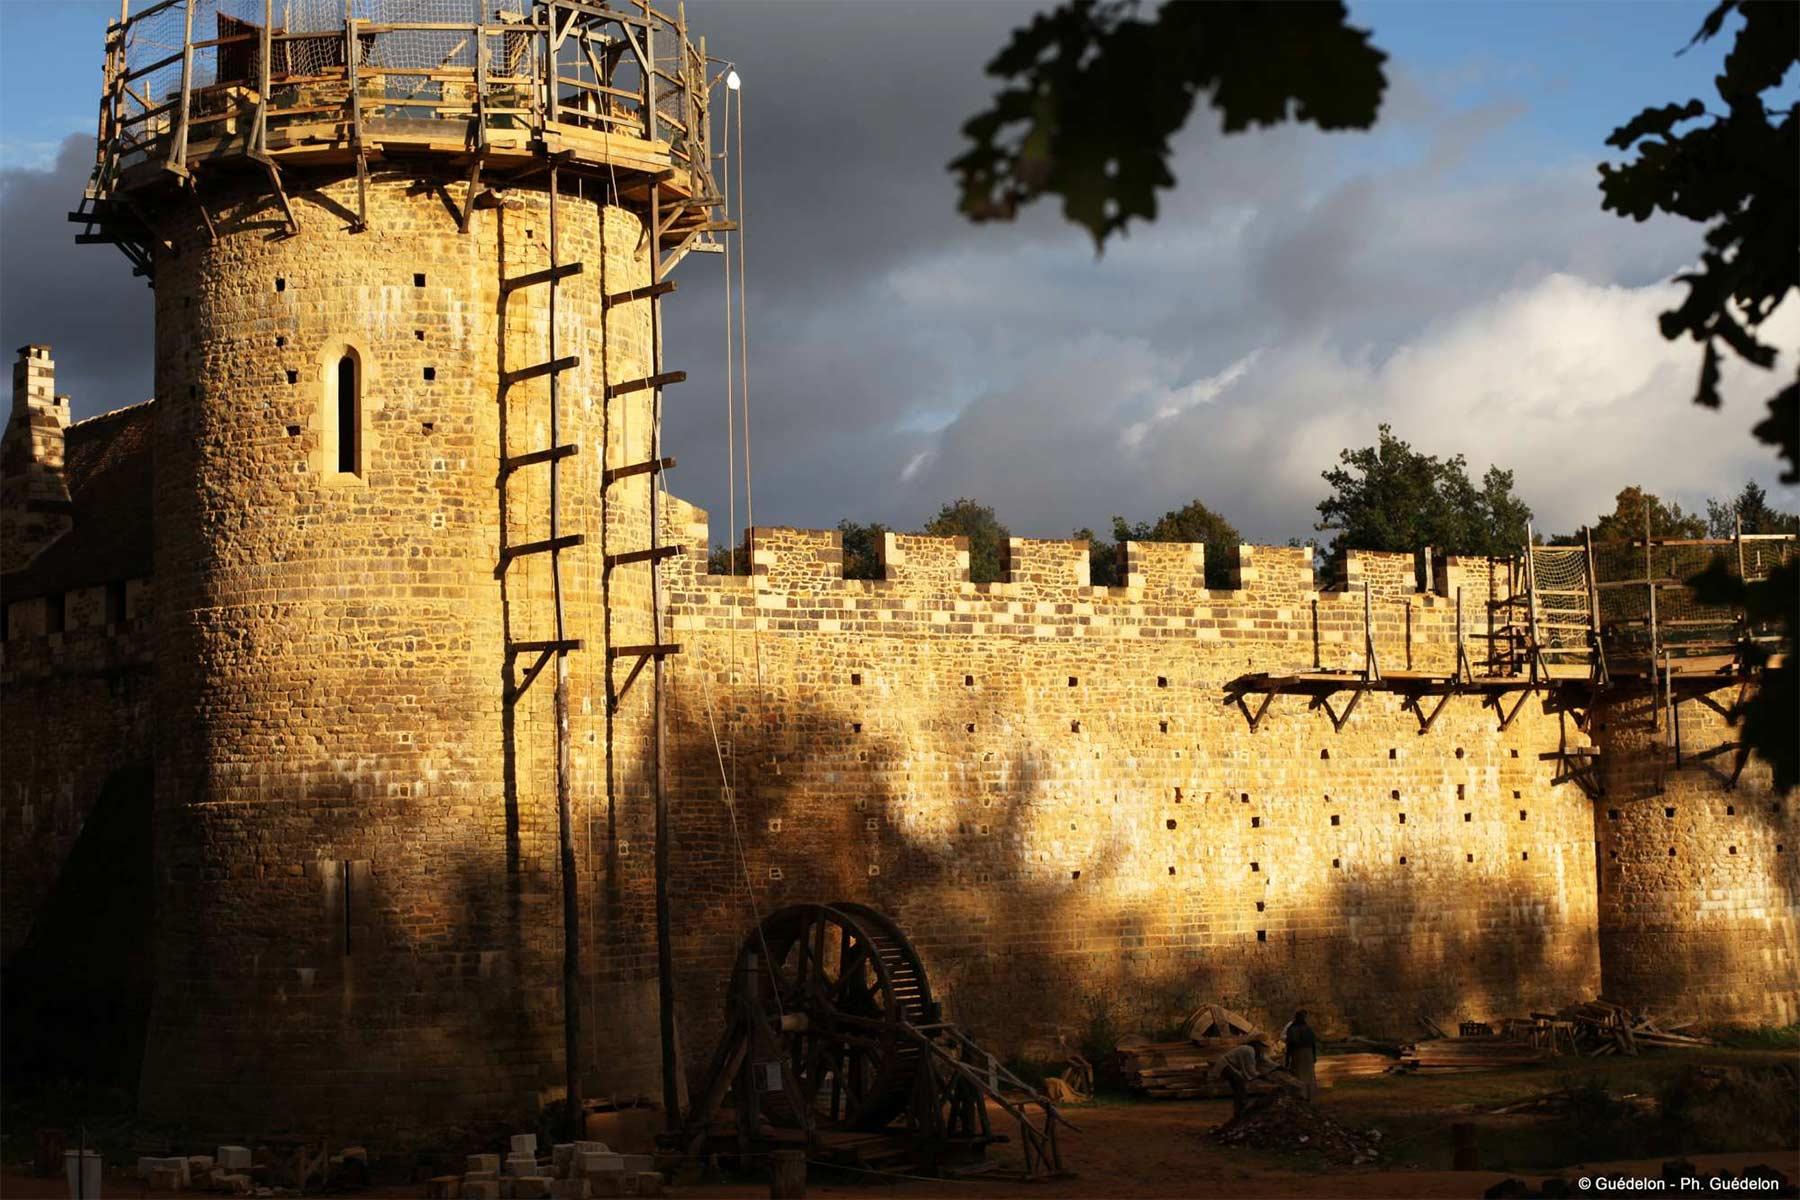 Diese Burg wird seit 20 Jahren mit mittelalterlichen Mitteln erbaut schloss-Guedelon_03